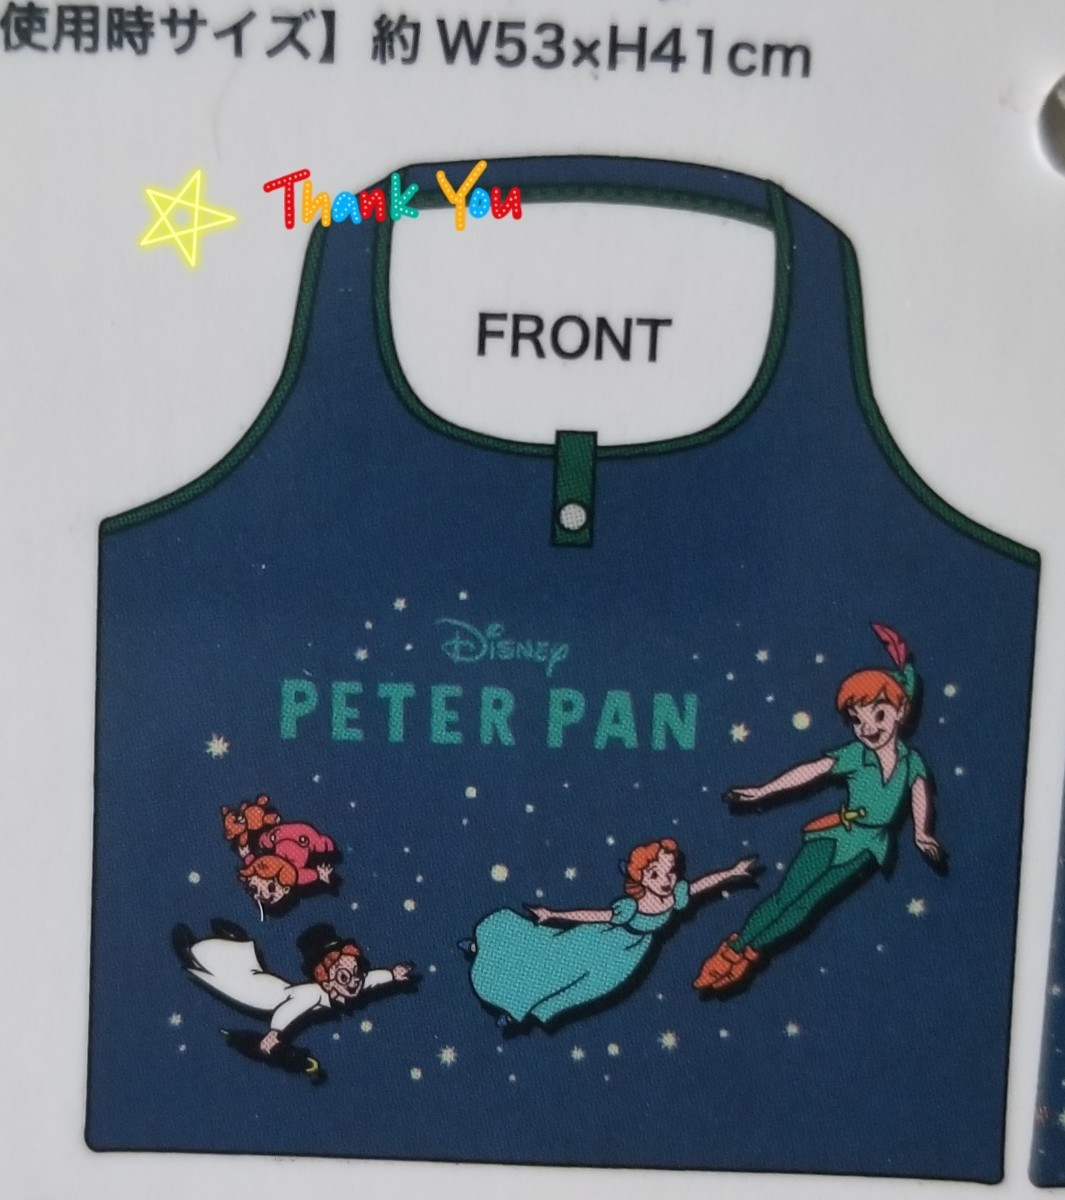 ディズニー ピーターパン エコバッグ 折り畳みエコバッグ トートバッグ